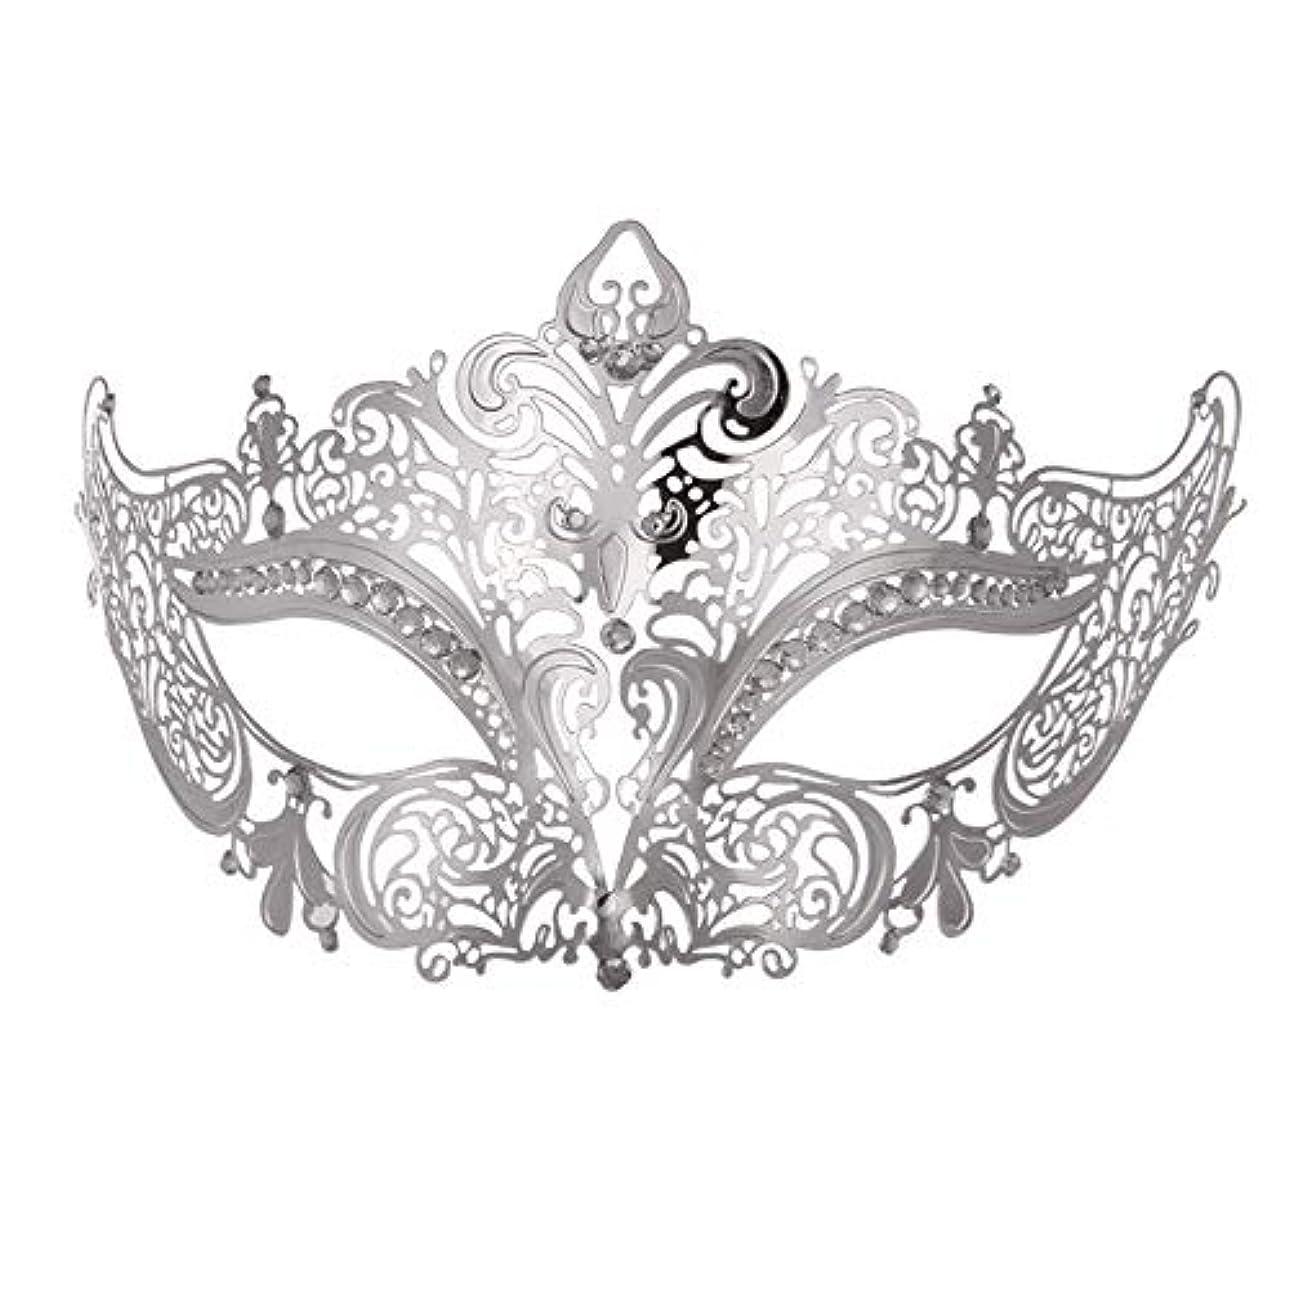 ダンスマスク 高級金メッキ銀マスク仮装小道具ロールプレイングナイトクラブパーティーマスク ホリデーパーティー用品 (色 : 銀, サイズ : Universal)